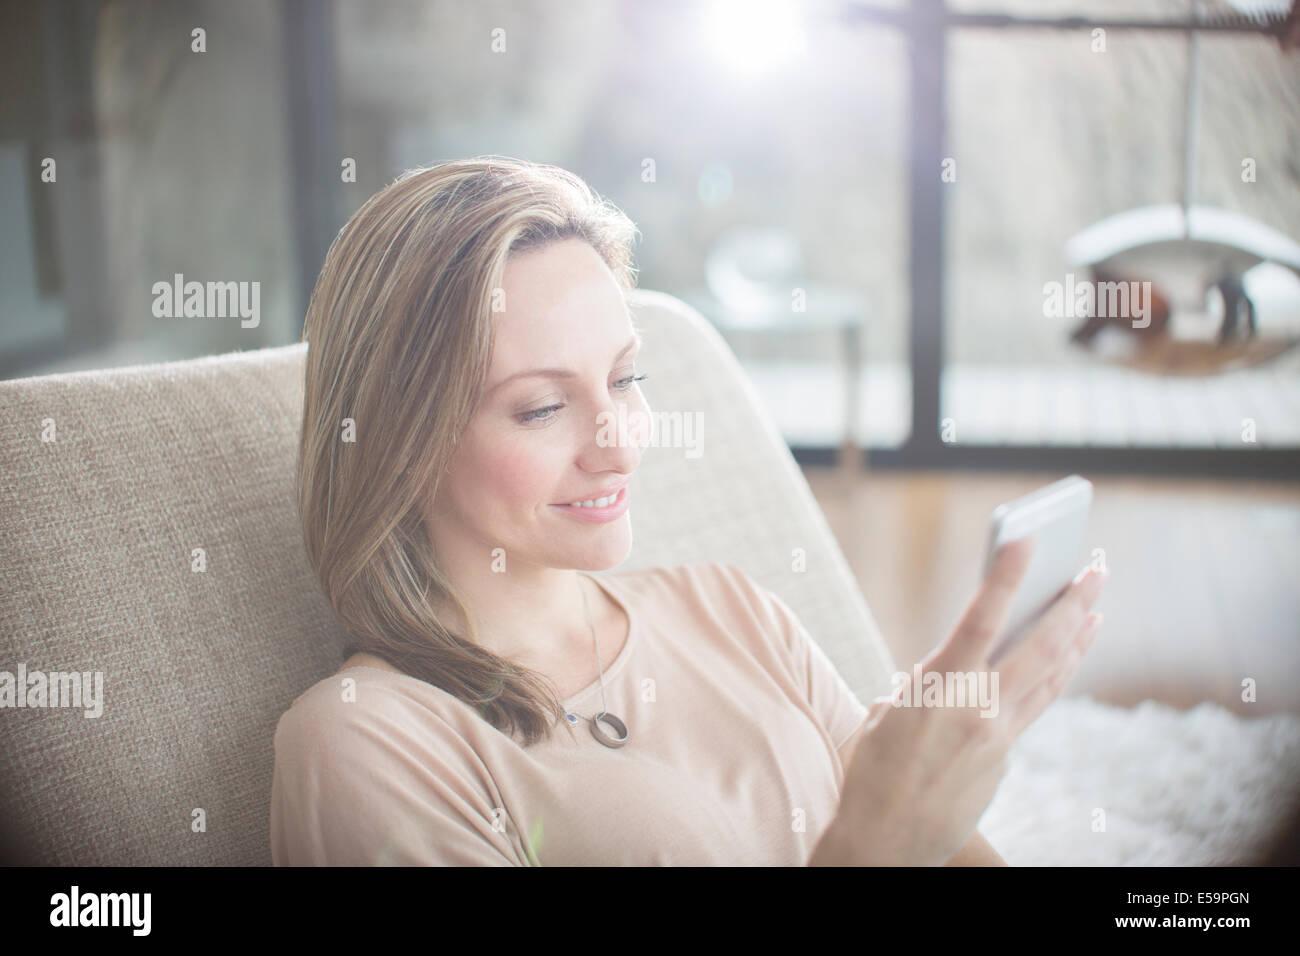 Mujer con teléfono celular en el sofá Imagen De Stock